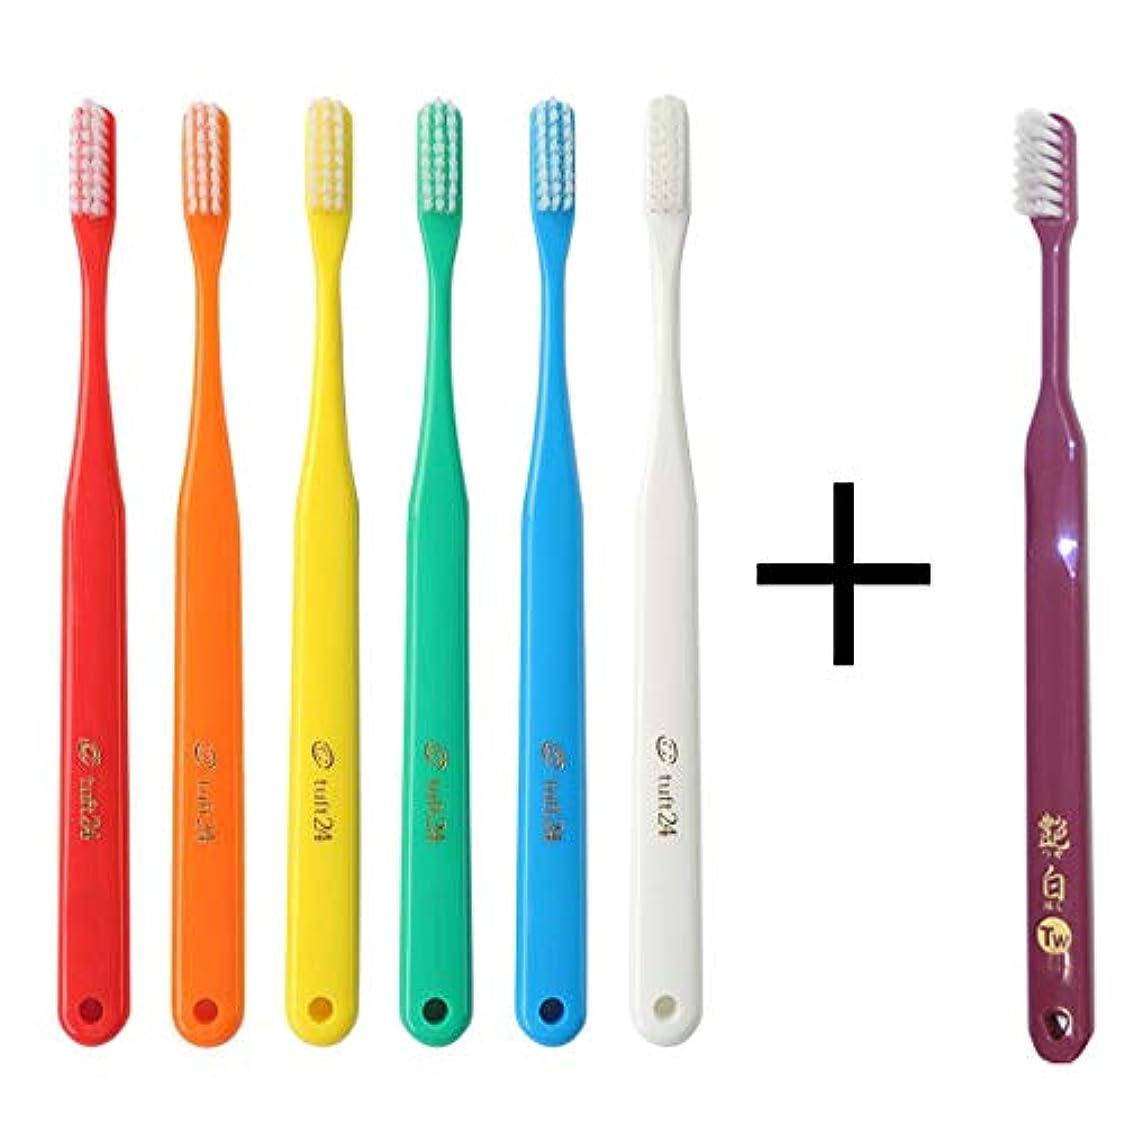 不振むき出し違法キャップなし タフト24 歯ブラシ × 25本入 M (アソート) + 艶白 ハブラシ (日本製) ×1本 MS(やややわらかめ) 大人用歯ブラシ 歯科医院取扱品